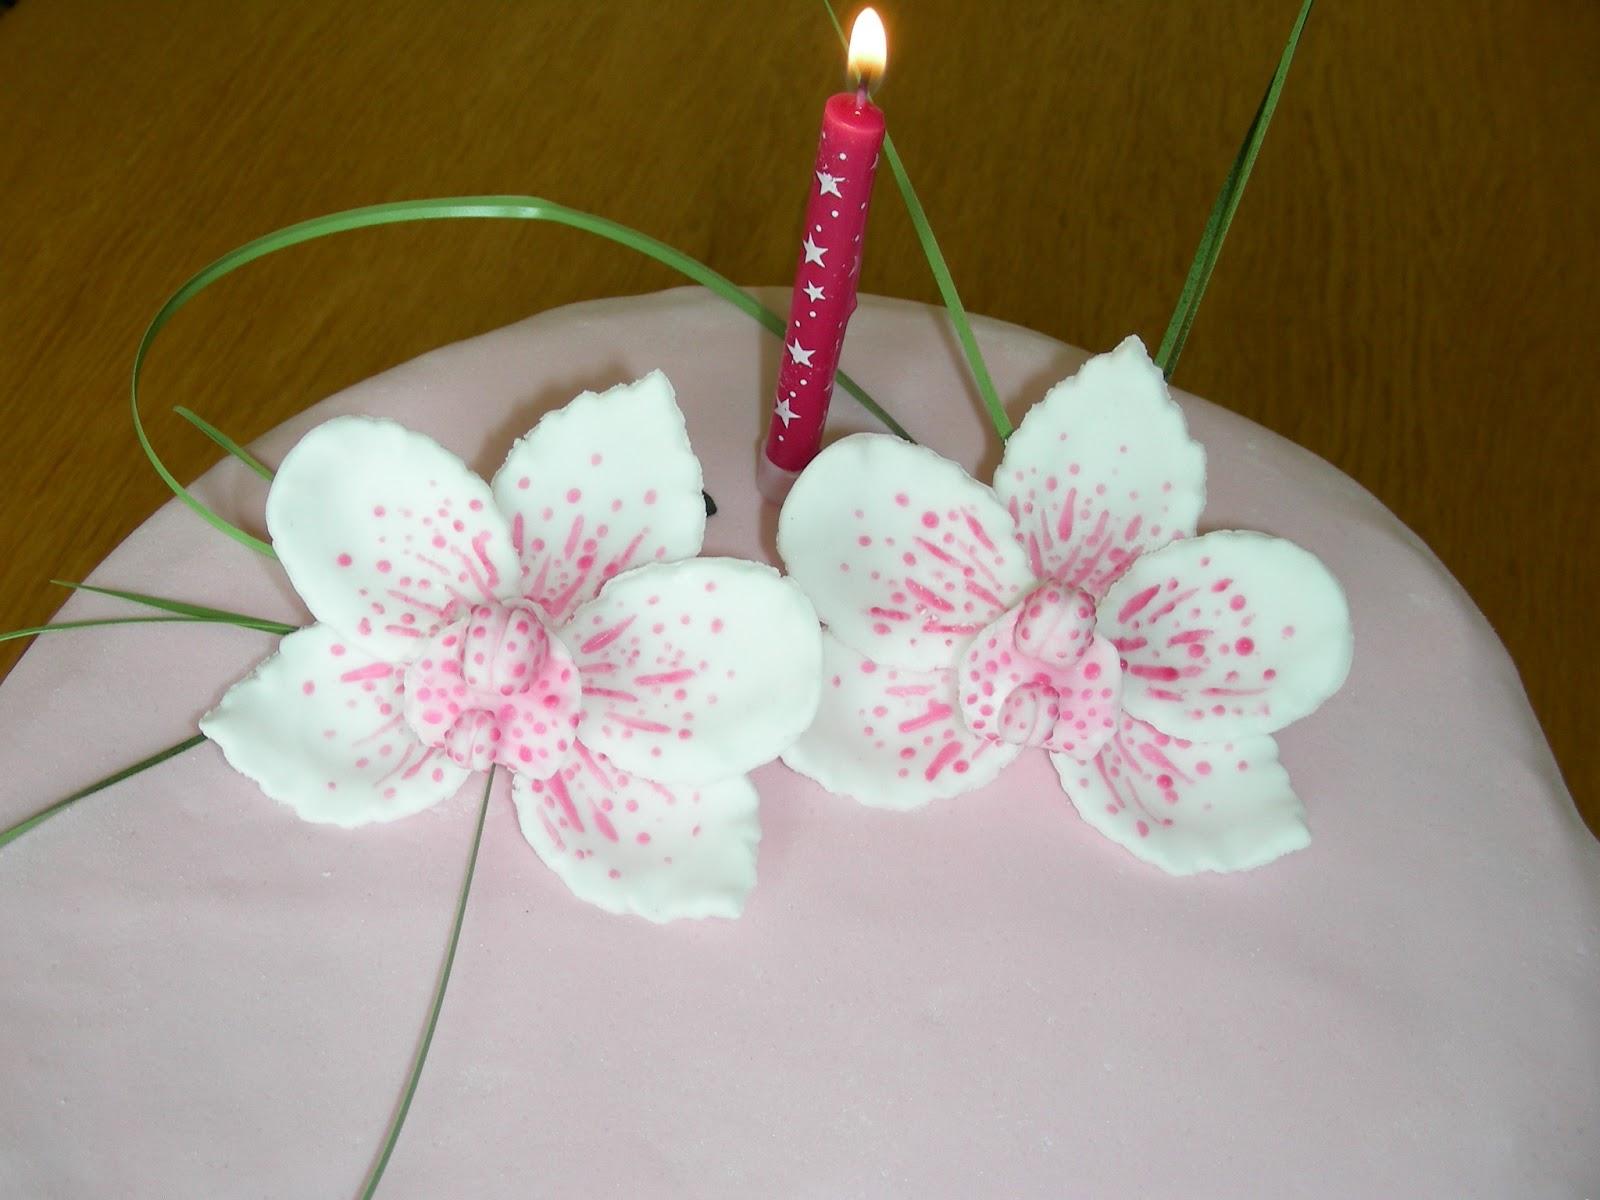 Favori recette gâteau d'anniversaire | GATEAUX D'ALINE MZ94